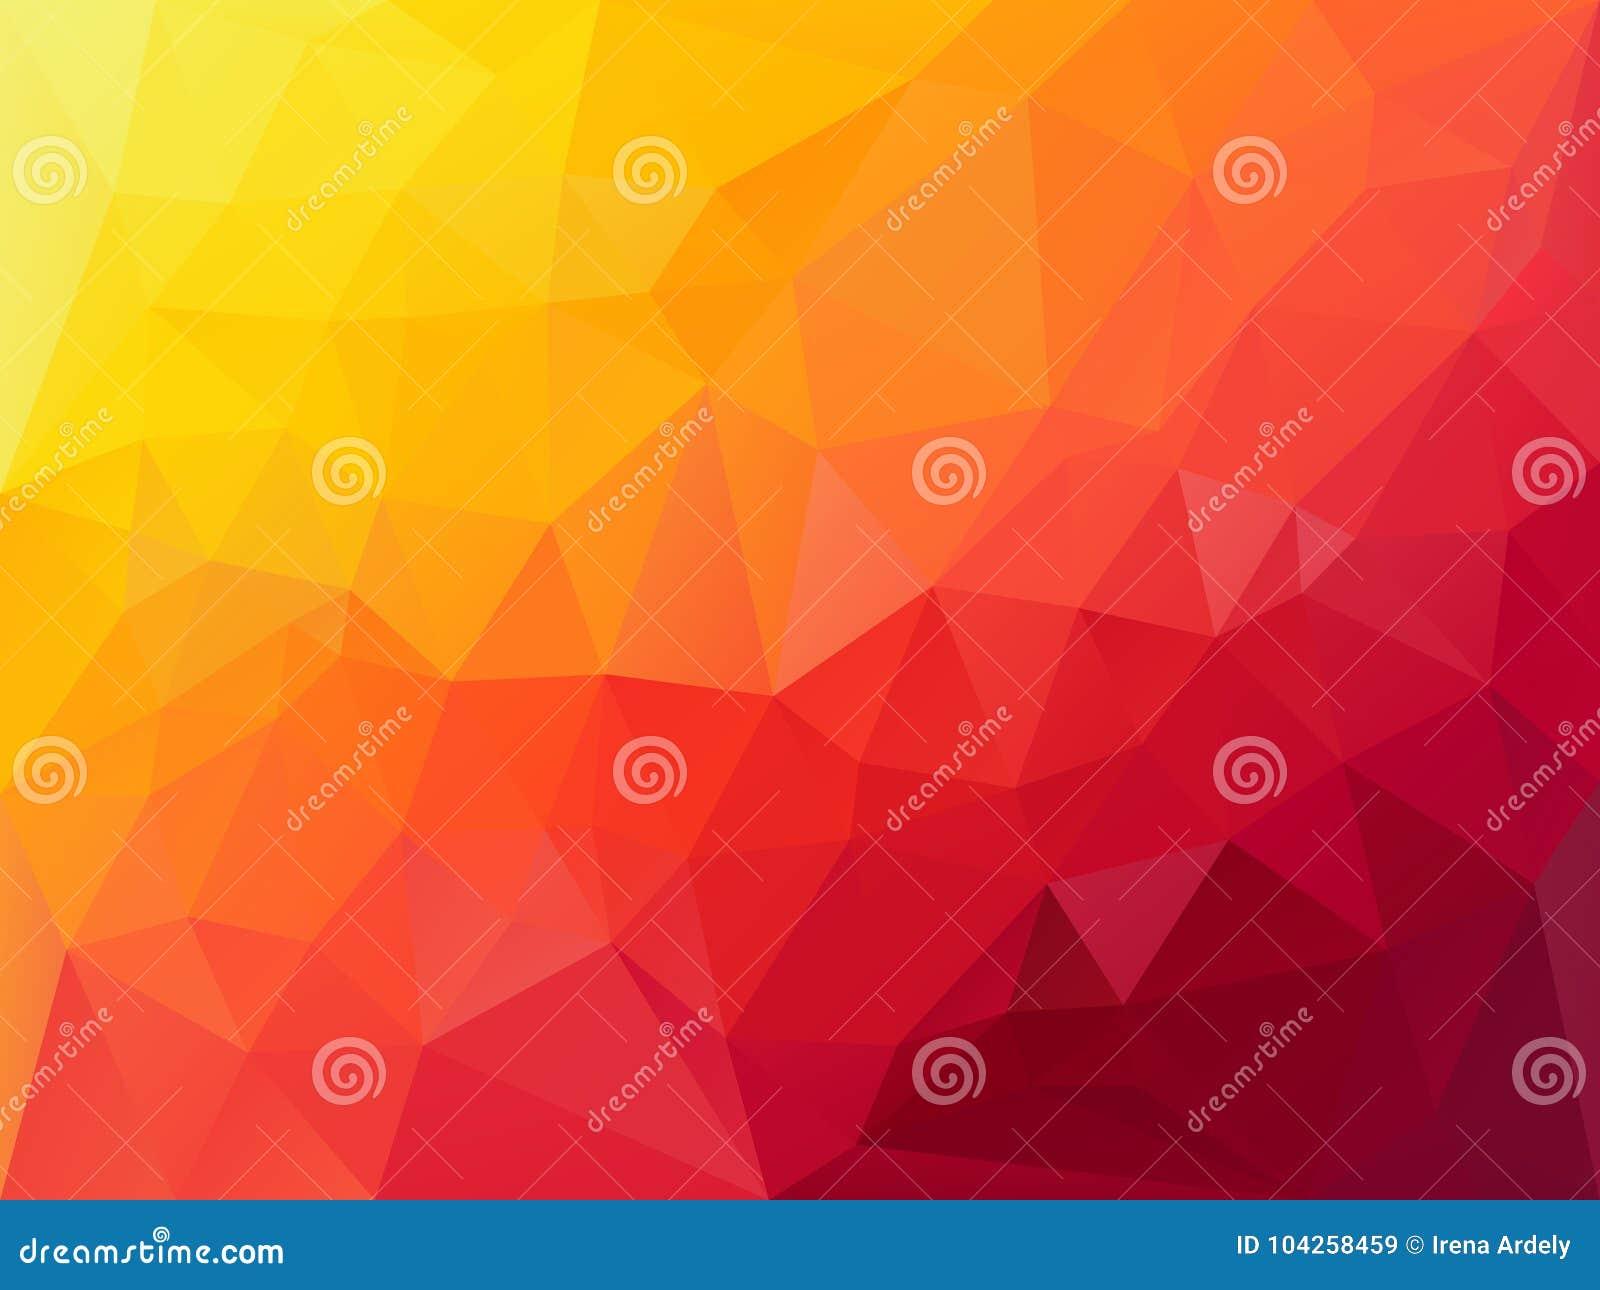 Διανυσματικό υπόβαθρο πολυγώνων με ένα σχέδιο τριγώνων στη δονούμενη κλίση χρώματος hoz κόκκινη πορτοκαλιά κίτρινη